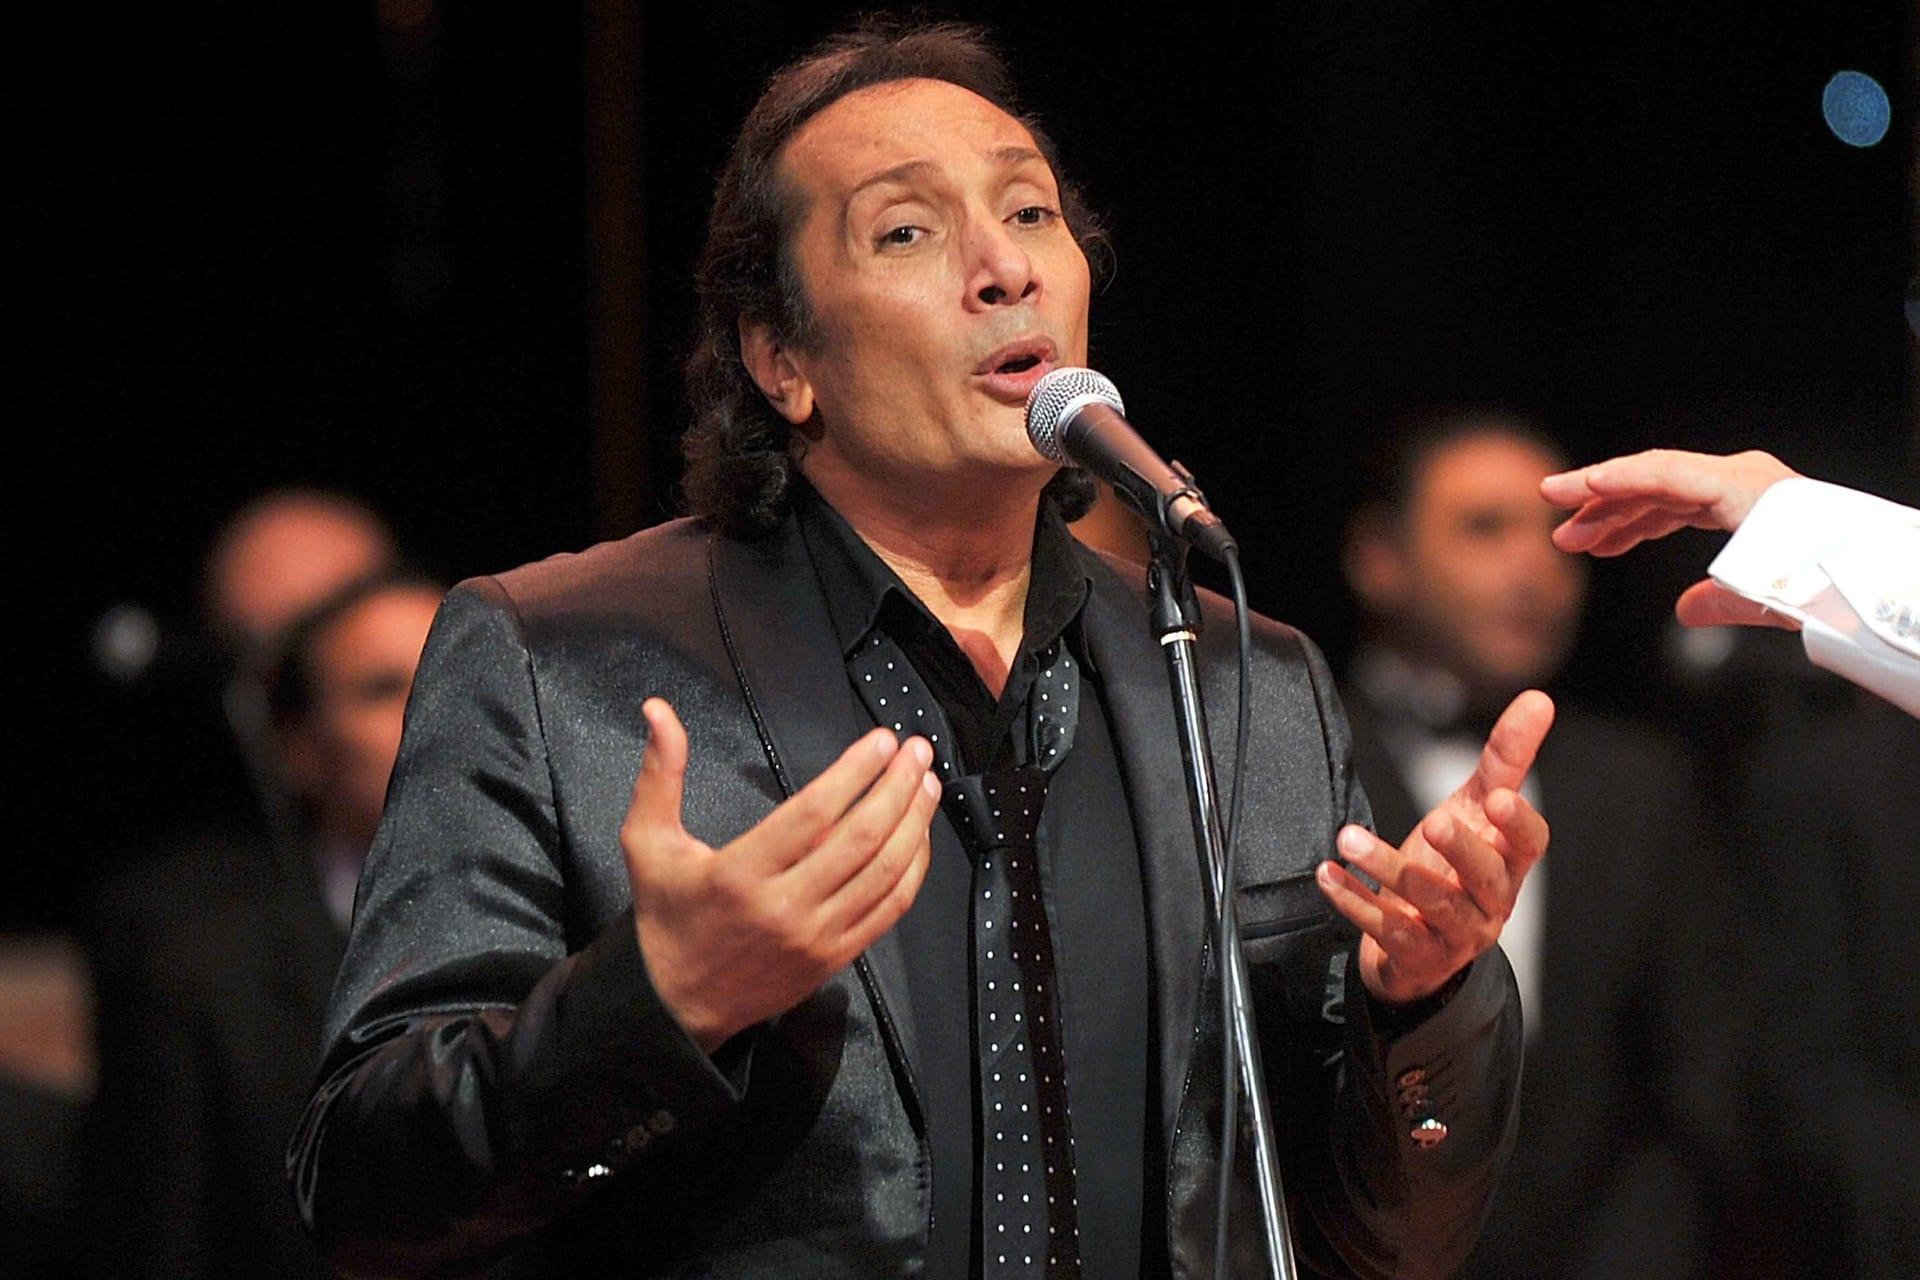 علي الحجار: لا أجيد الغناء الشعبي ولا أفكر في الاعتزال